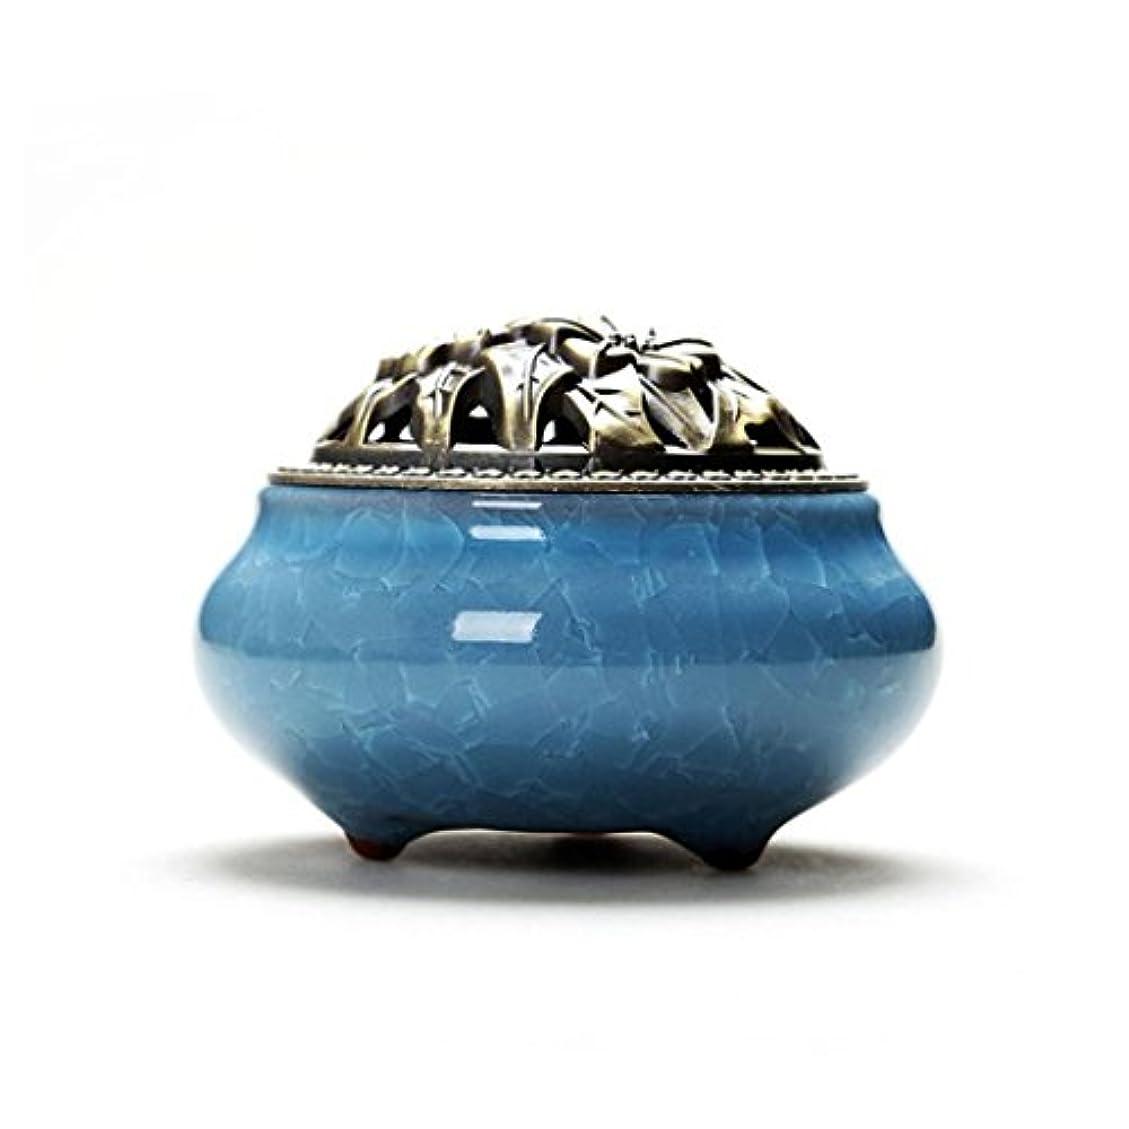 ゴミ人気目を覚ますAijoo 陶磁器 香炉 丸香炉 アロマ陶磁器 青磁 香立て付き アロマ アンティーク 渦巻き線香 アロマ などに 調選べる 9カラー